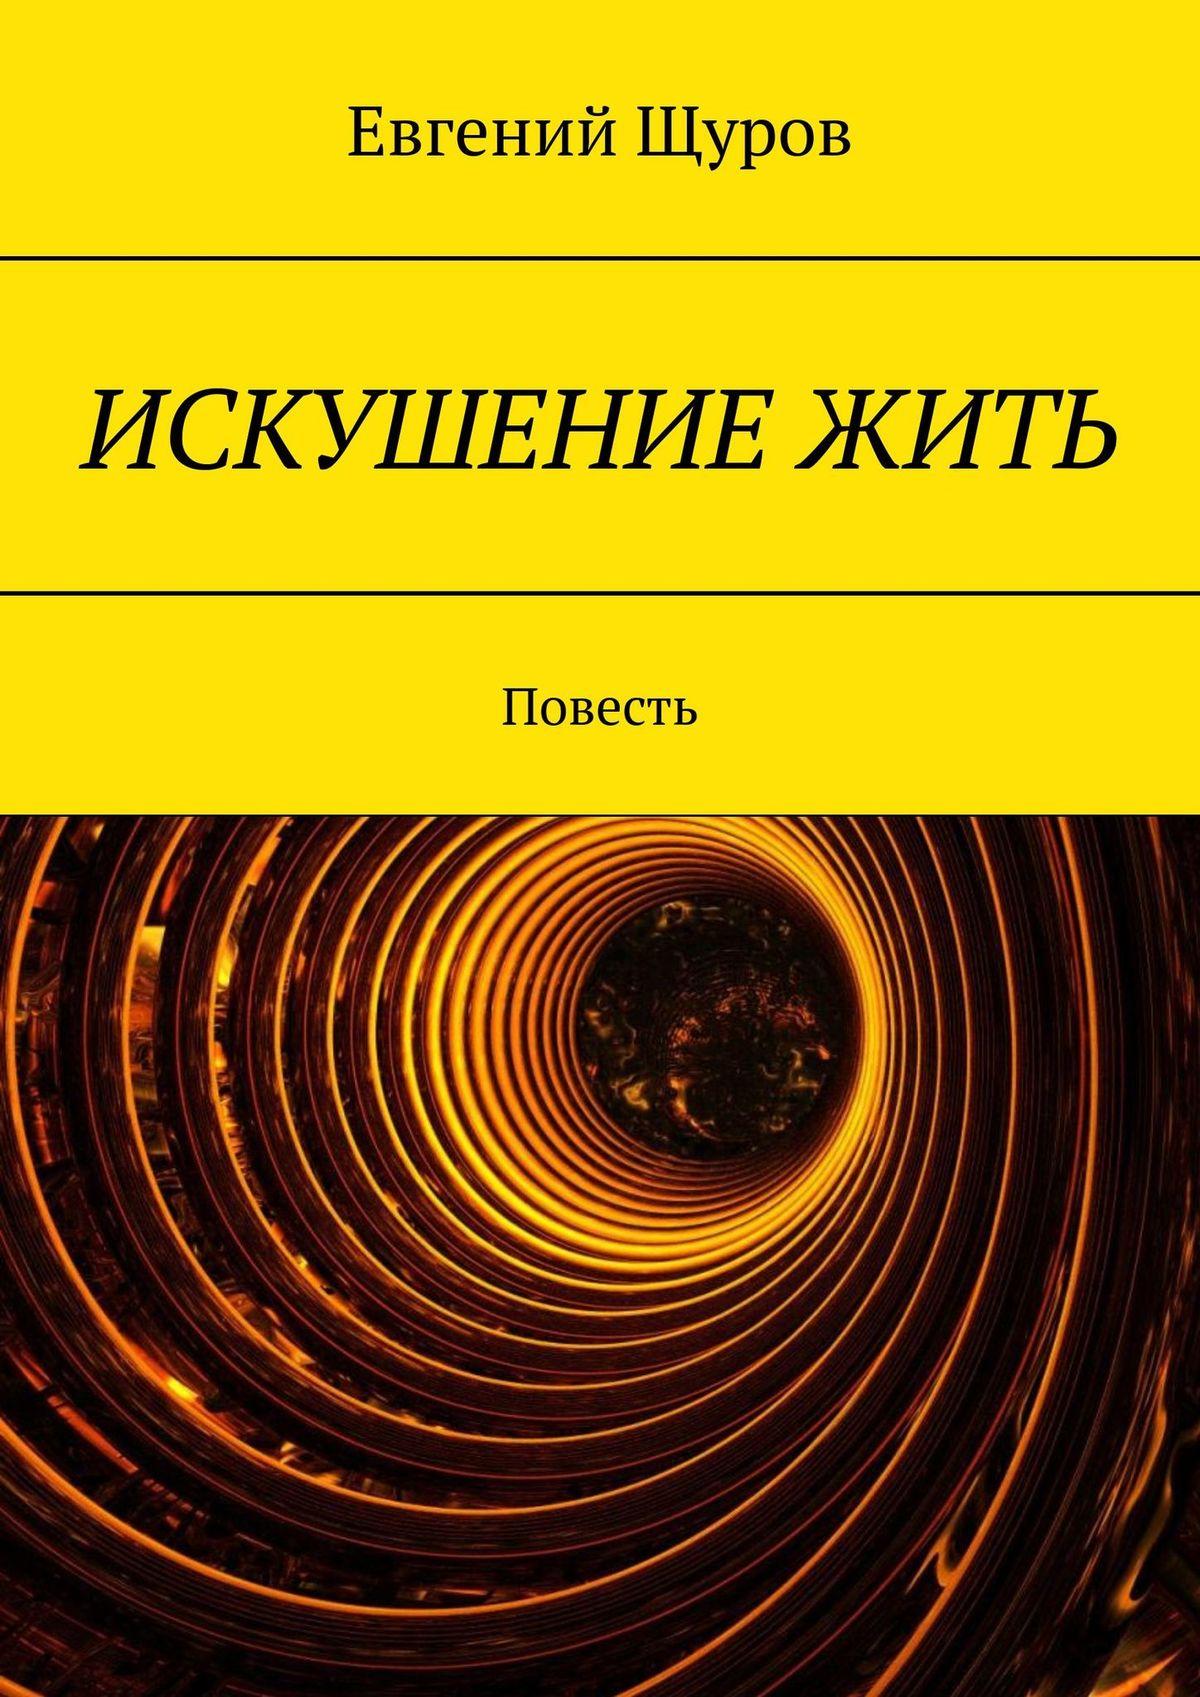 Евгений Щуров ИСКУШЕНИЕ ЖИТЬ. Повесть бунин и молодость и старость